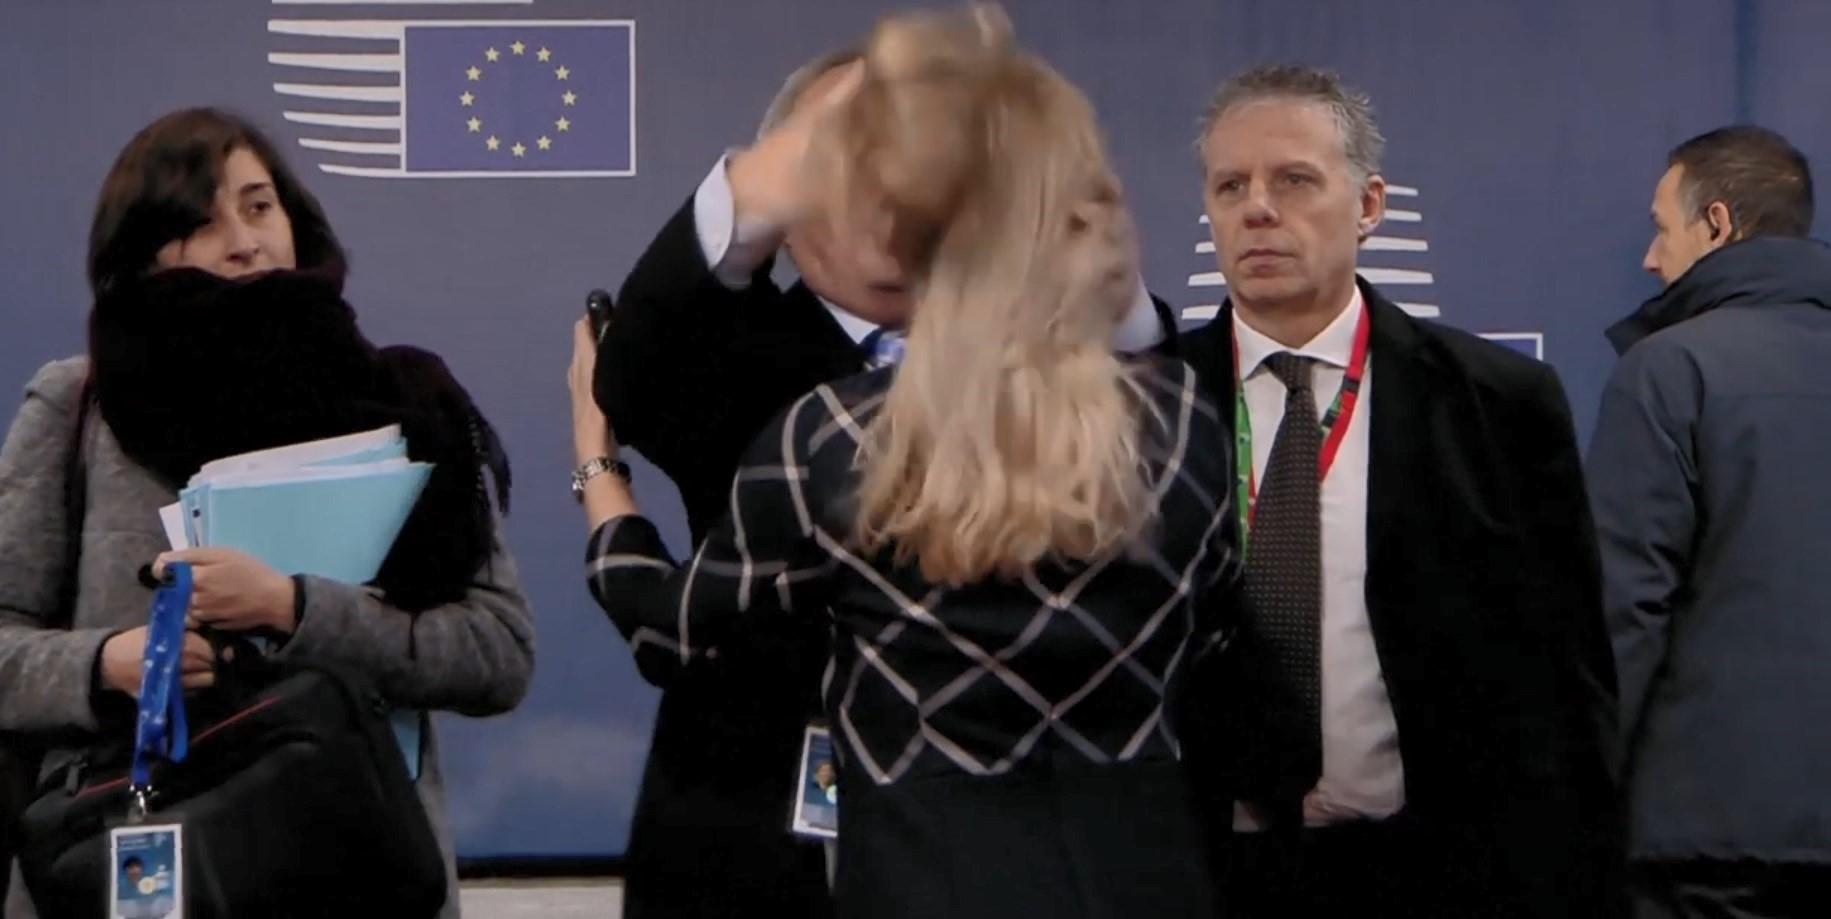 Shfaqja e Juncker në Bruksel bën xhrion e botës